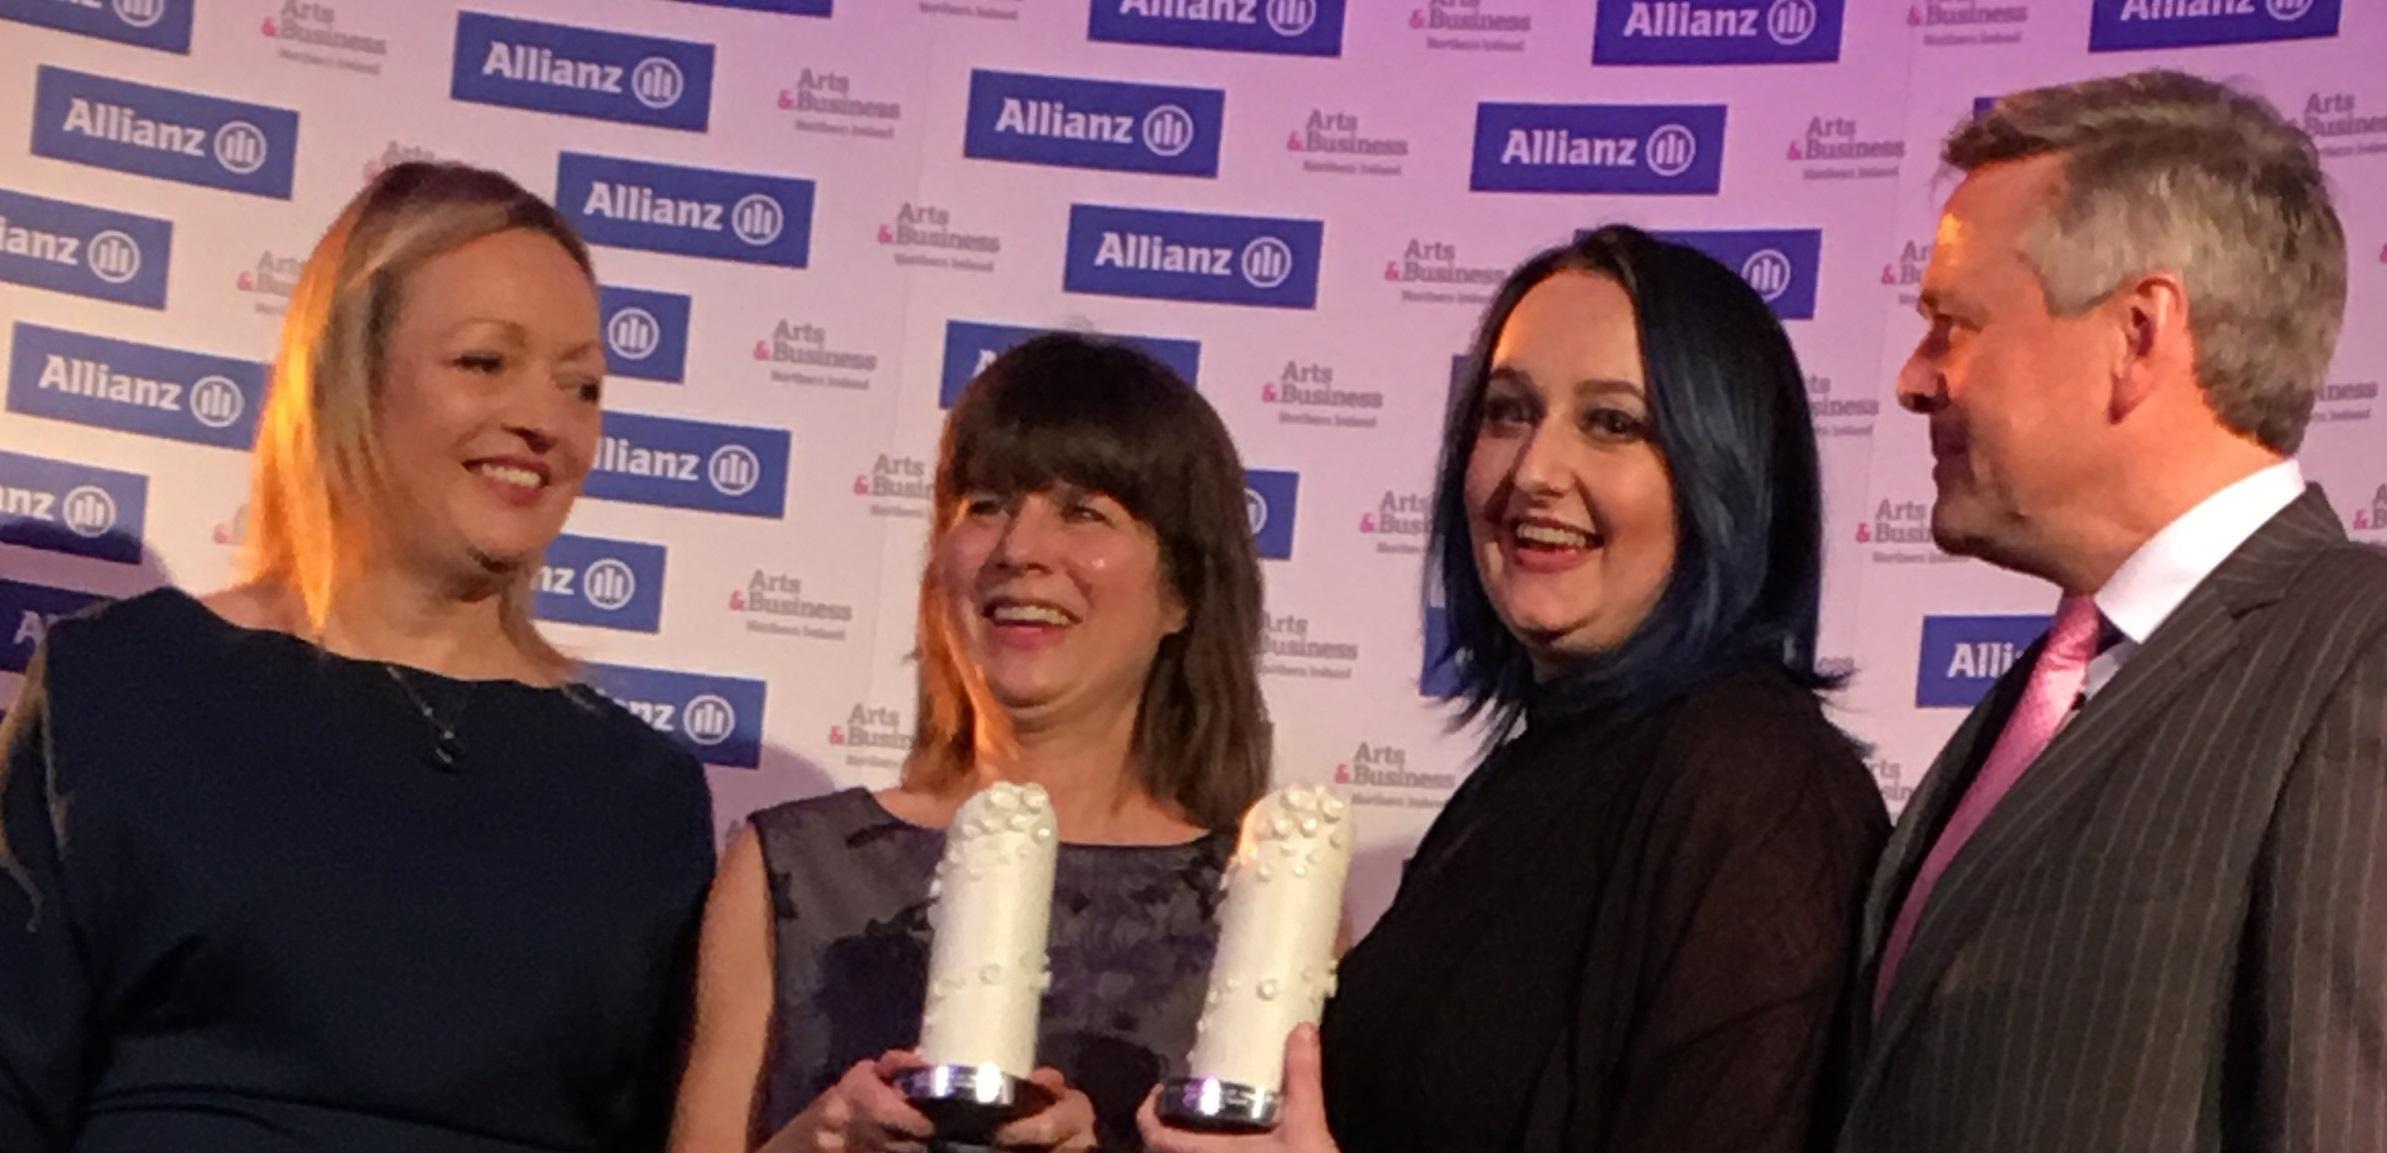 Titanic Award for Movie House Cinemas!